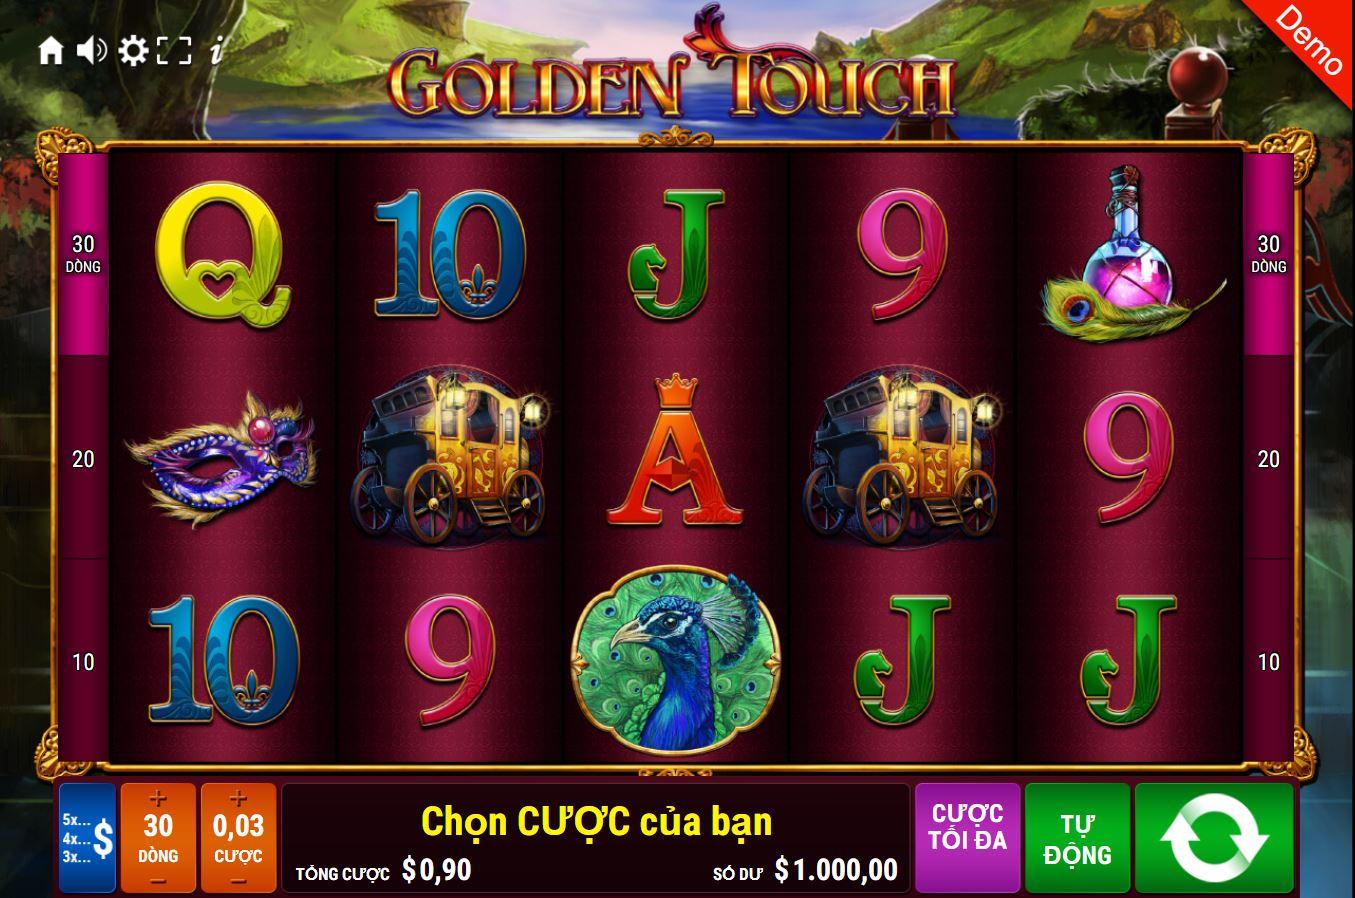 Hướng dẫn cách chơi game quay hũ Golden Touch - Bàn tay vàng